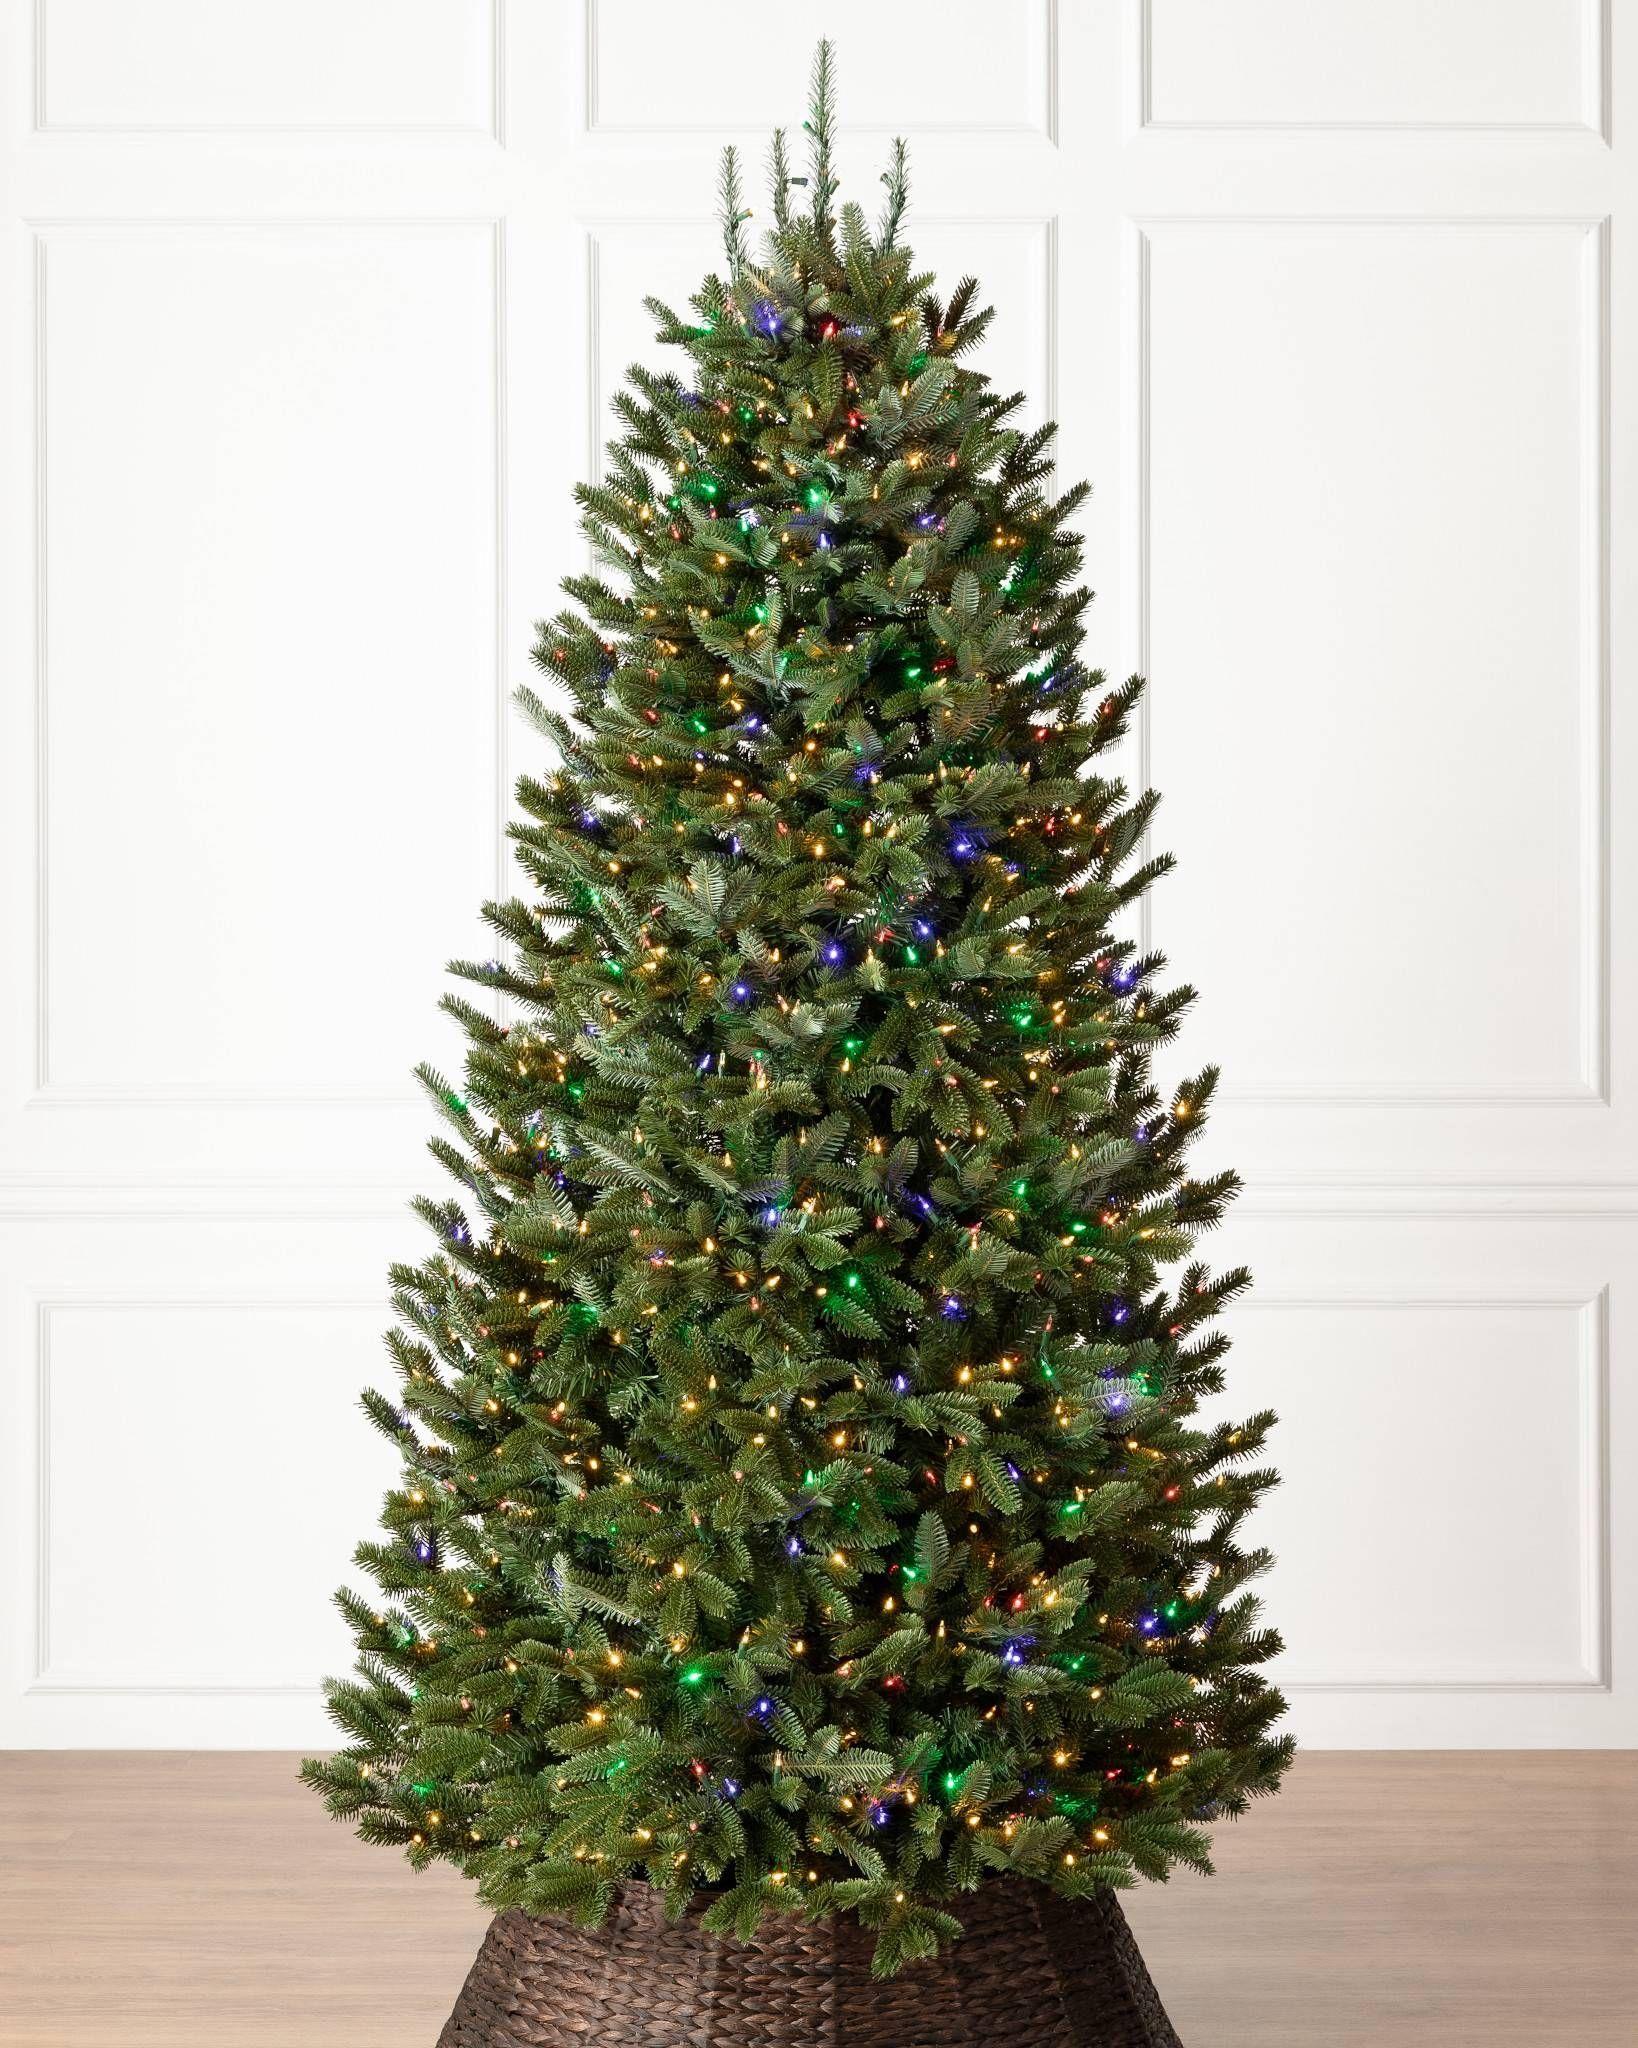 Bh Fraser Fir Narrow Artificial Christmas Trees Balsam Hill In 2020 Artificial Christmas Tree Realistic Artificial Christmas Trees Christmas Tree Sale